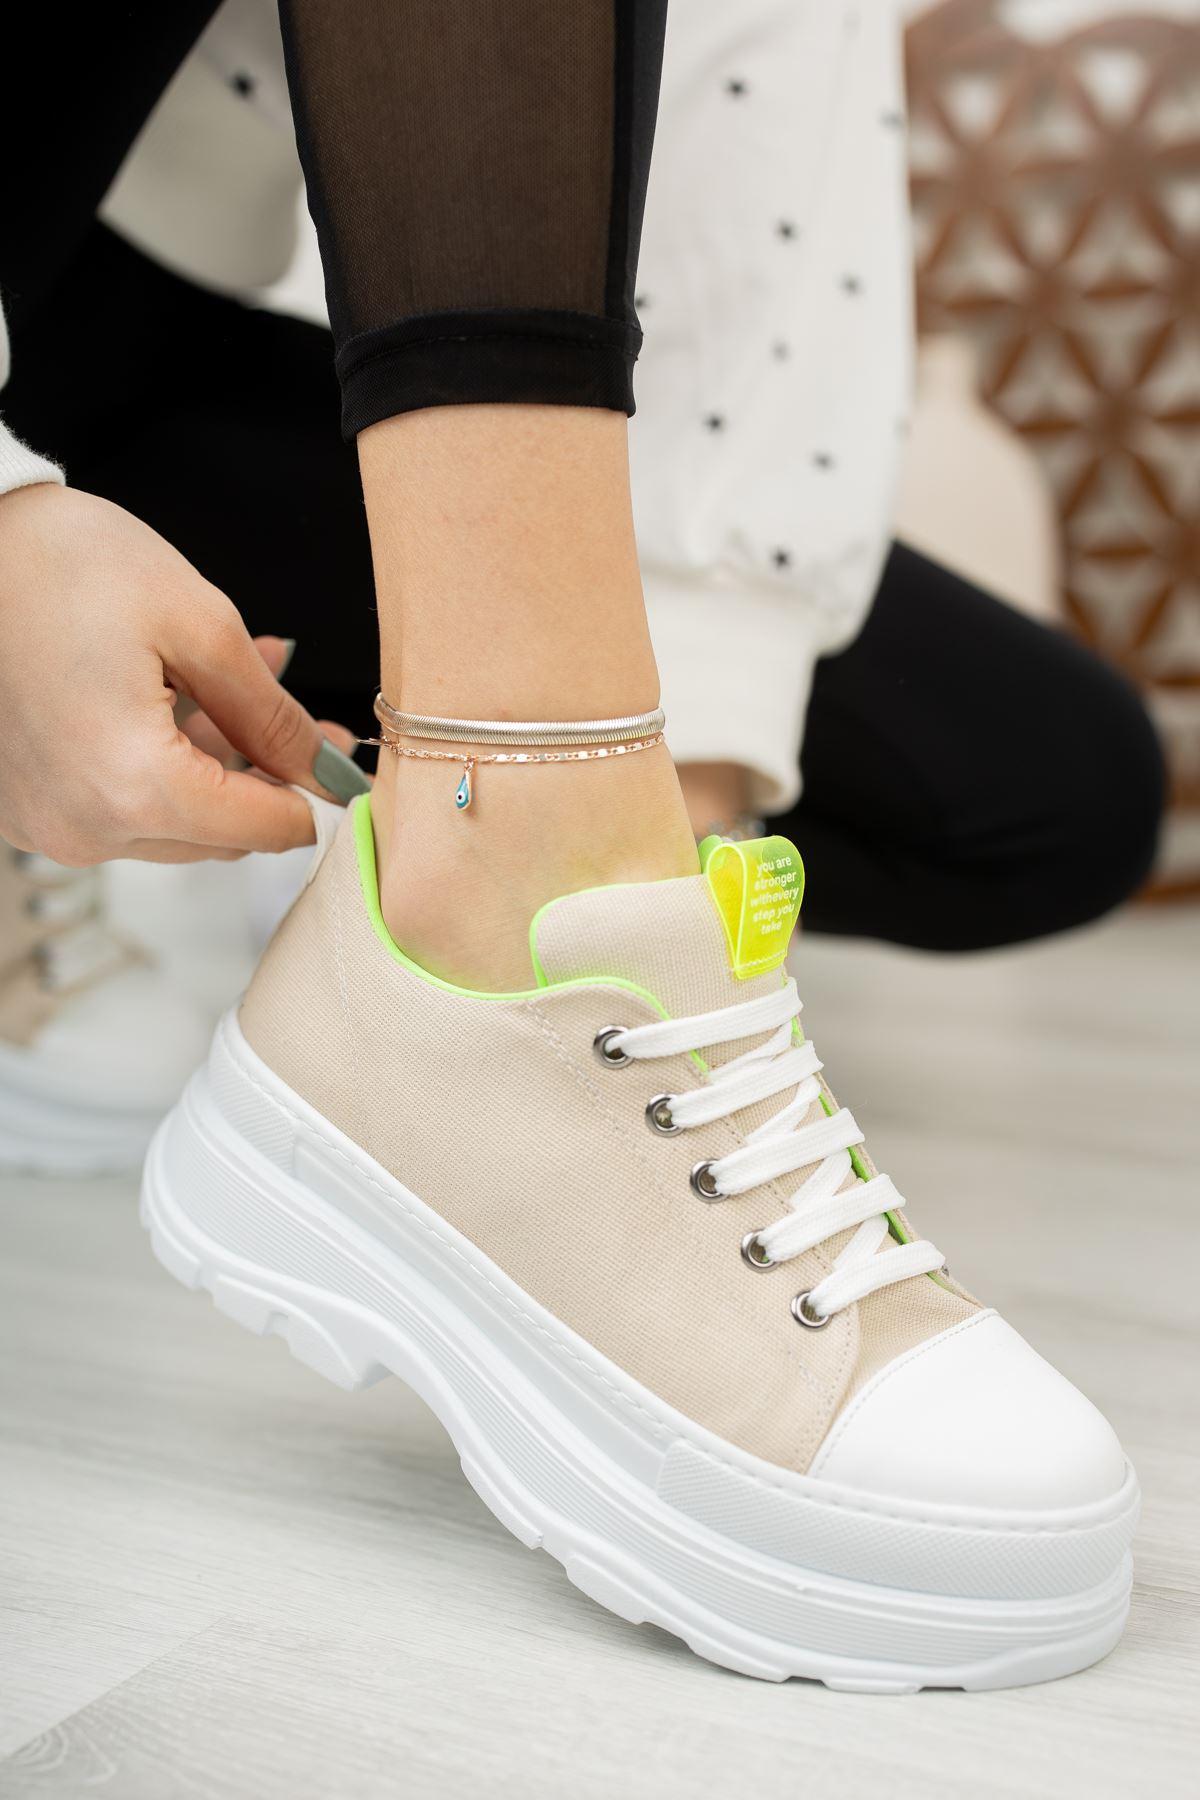 Kadın Toden Tekstil Bağcık Detaylı Kalın Taban Ten  Spor Ayakkabı